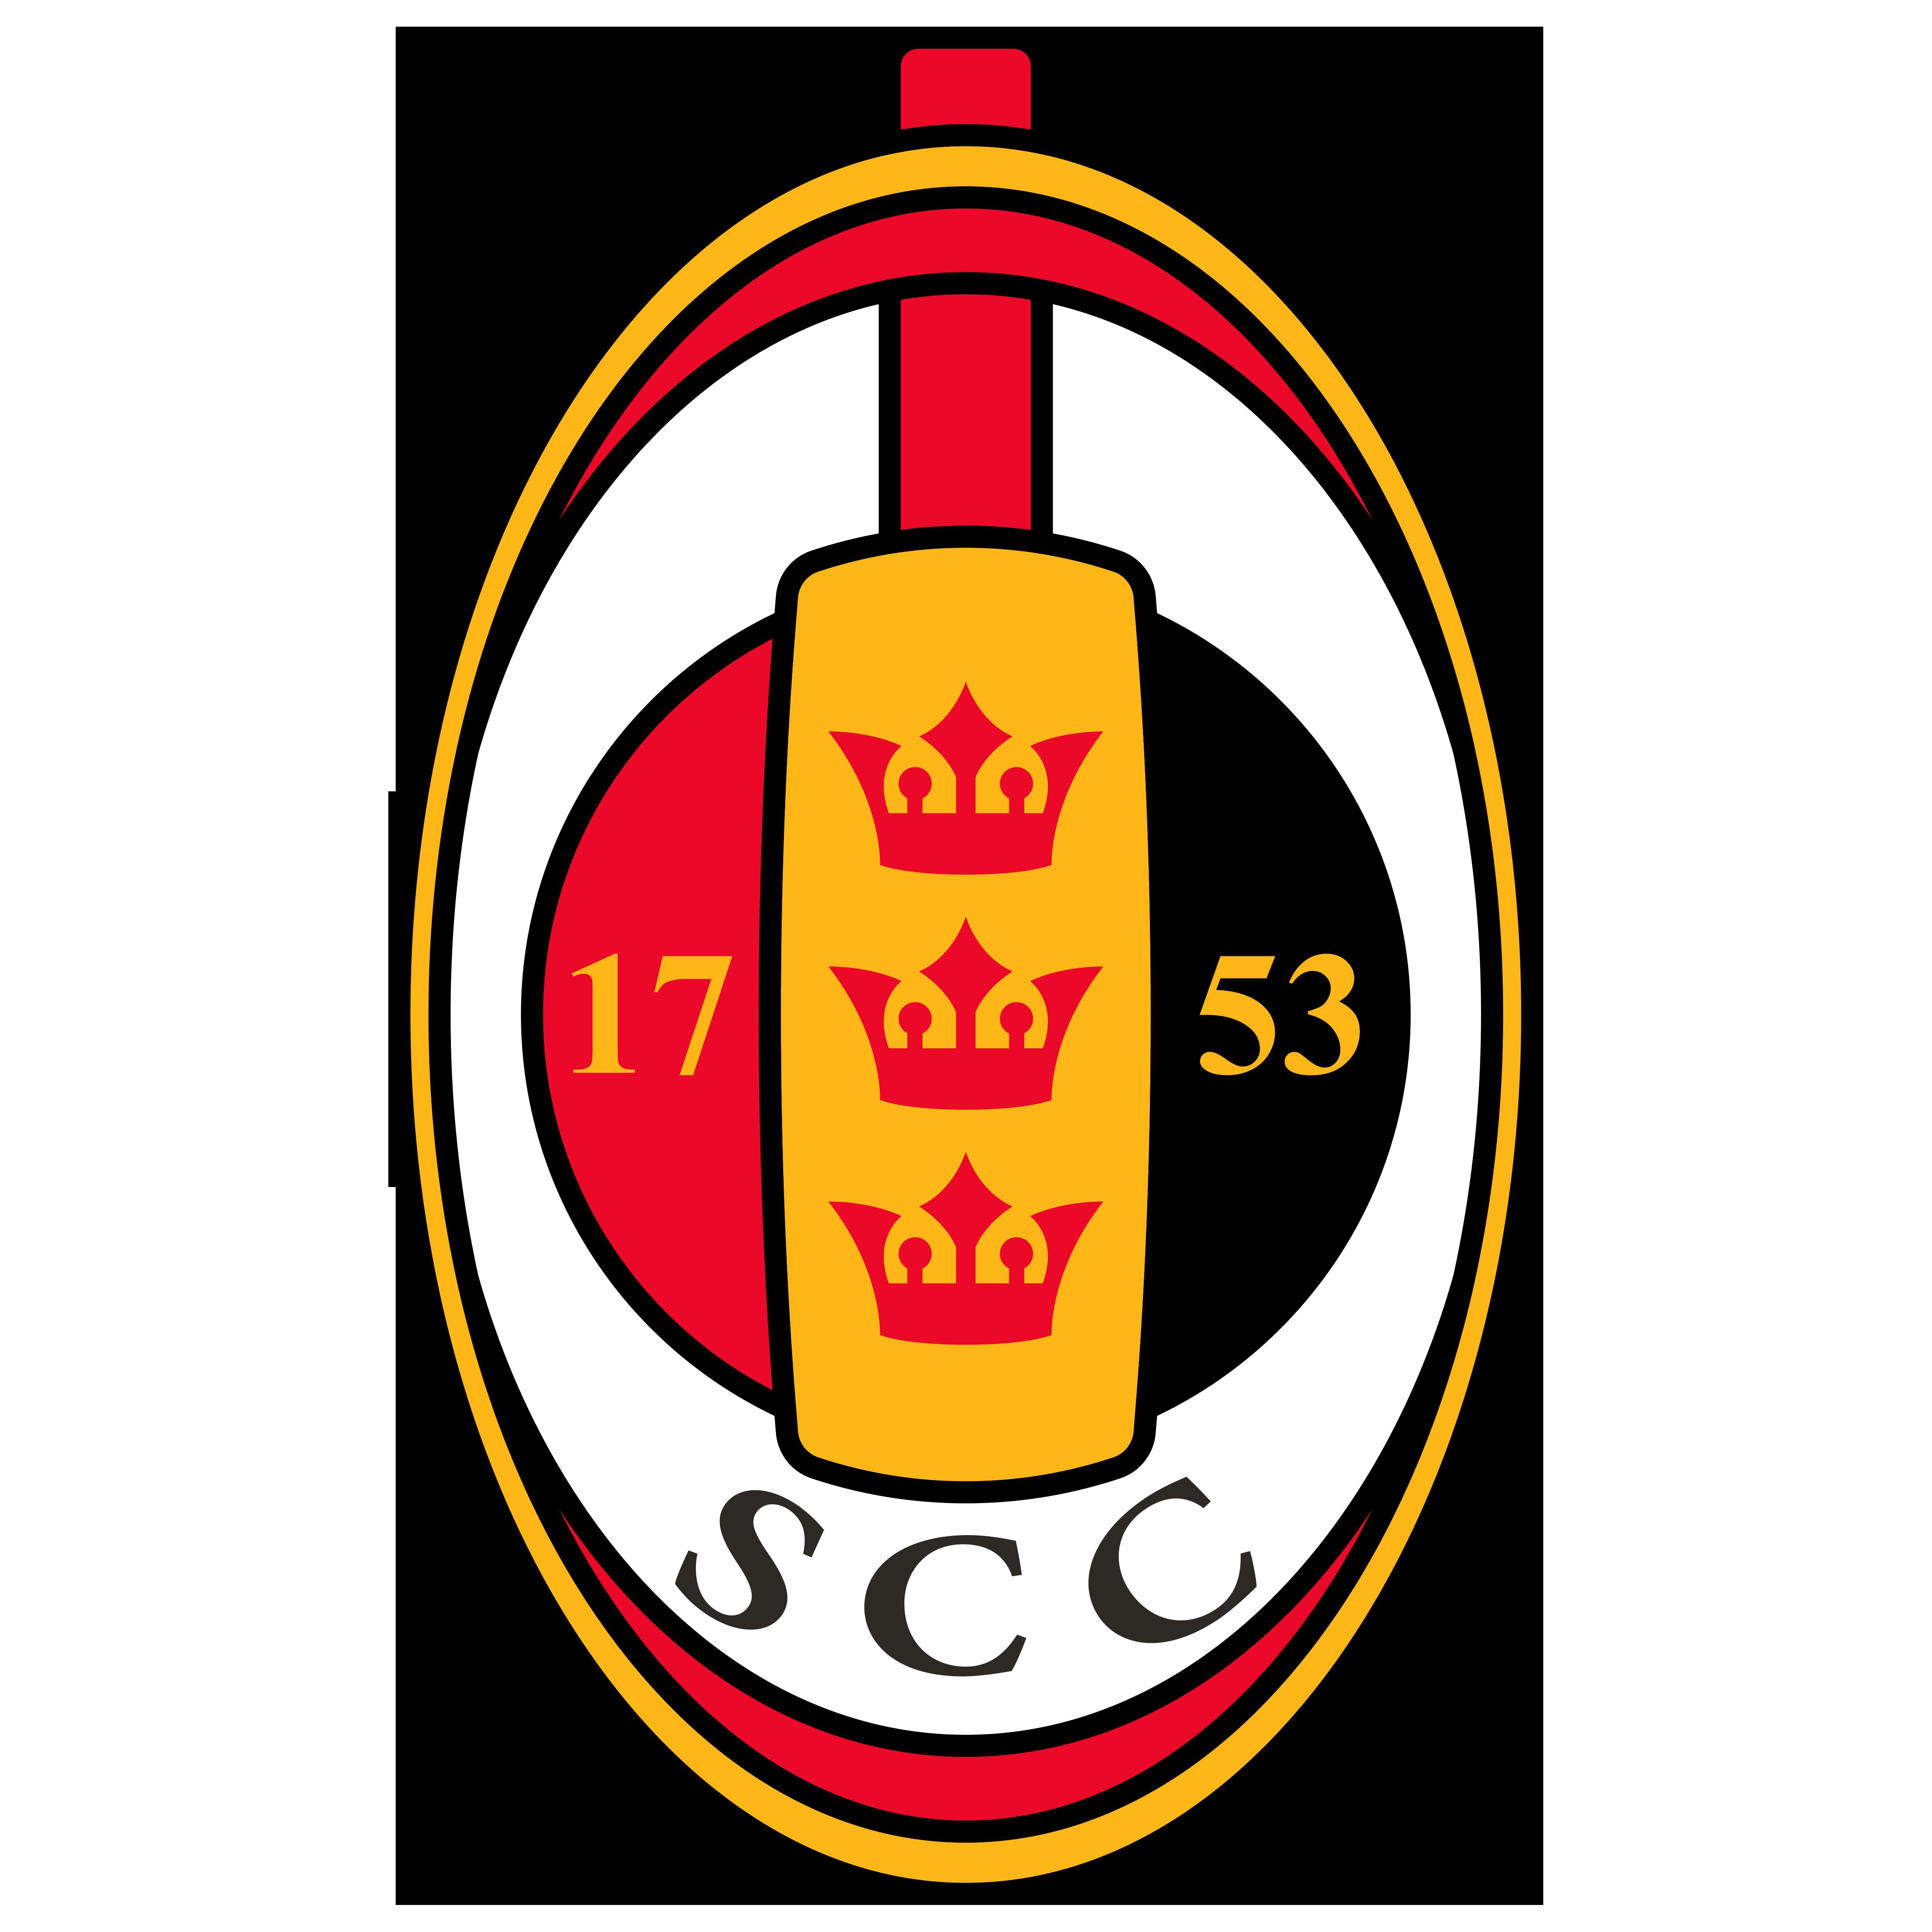 SCC_Crest